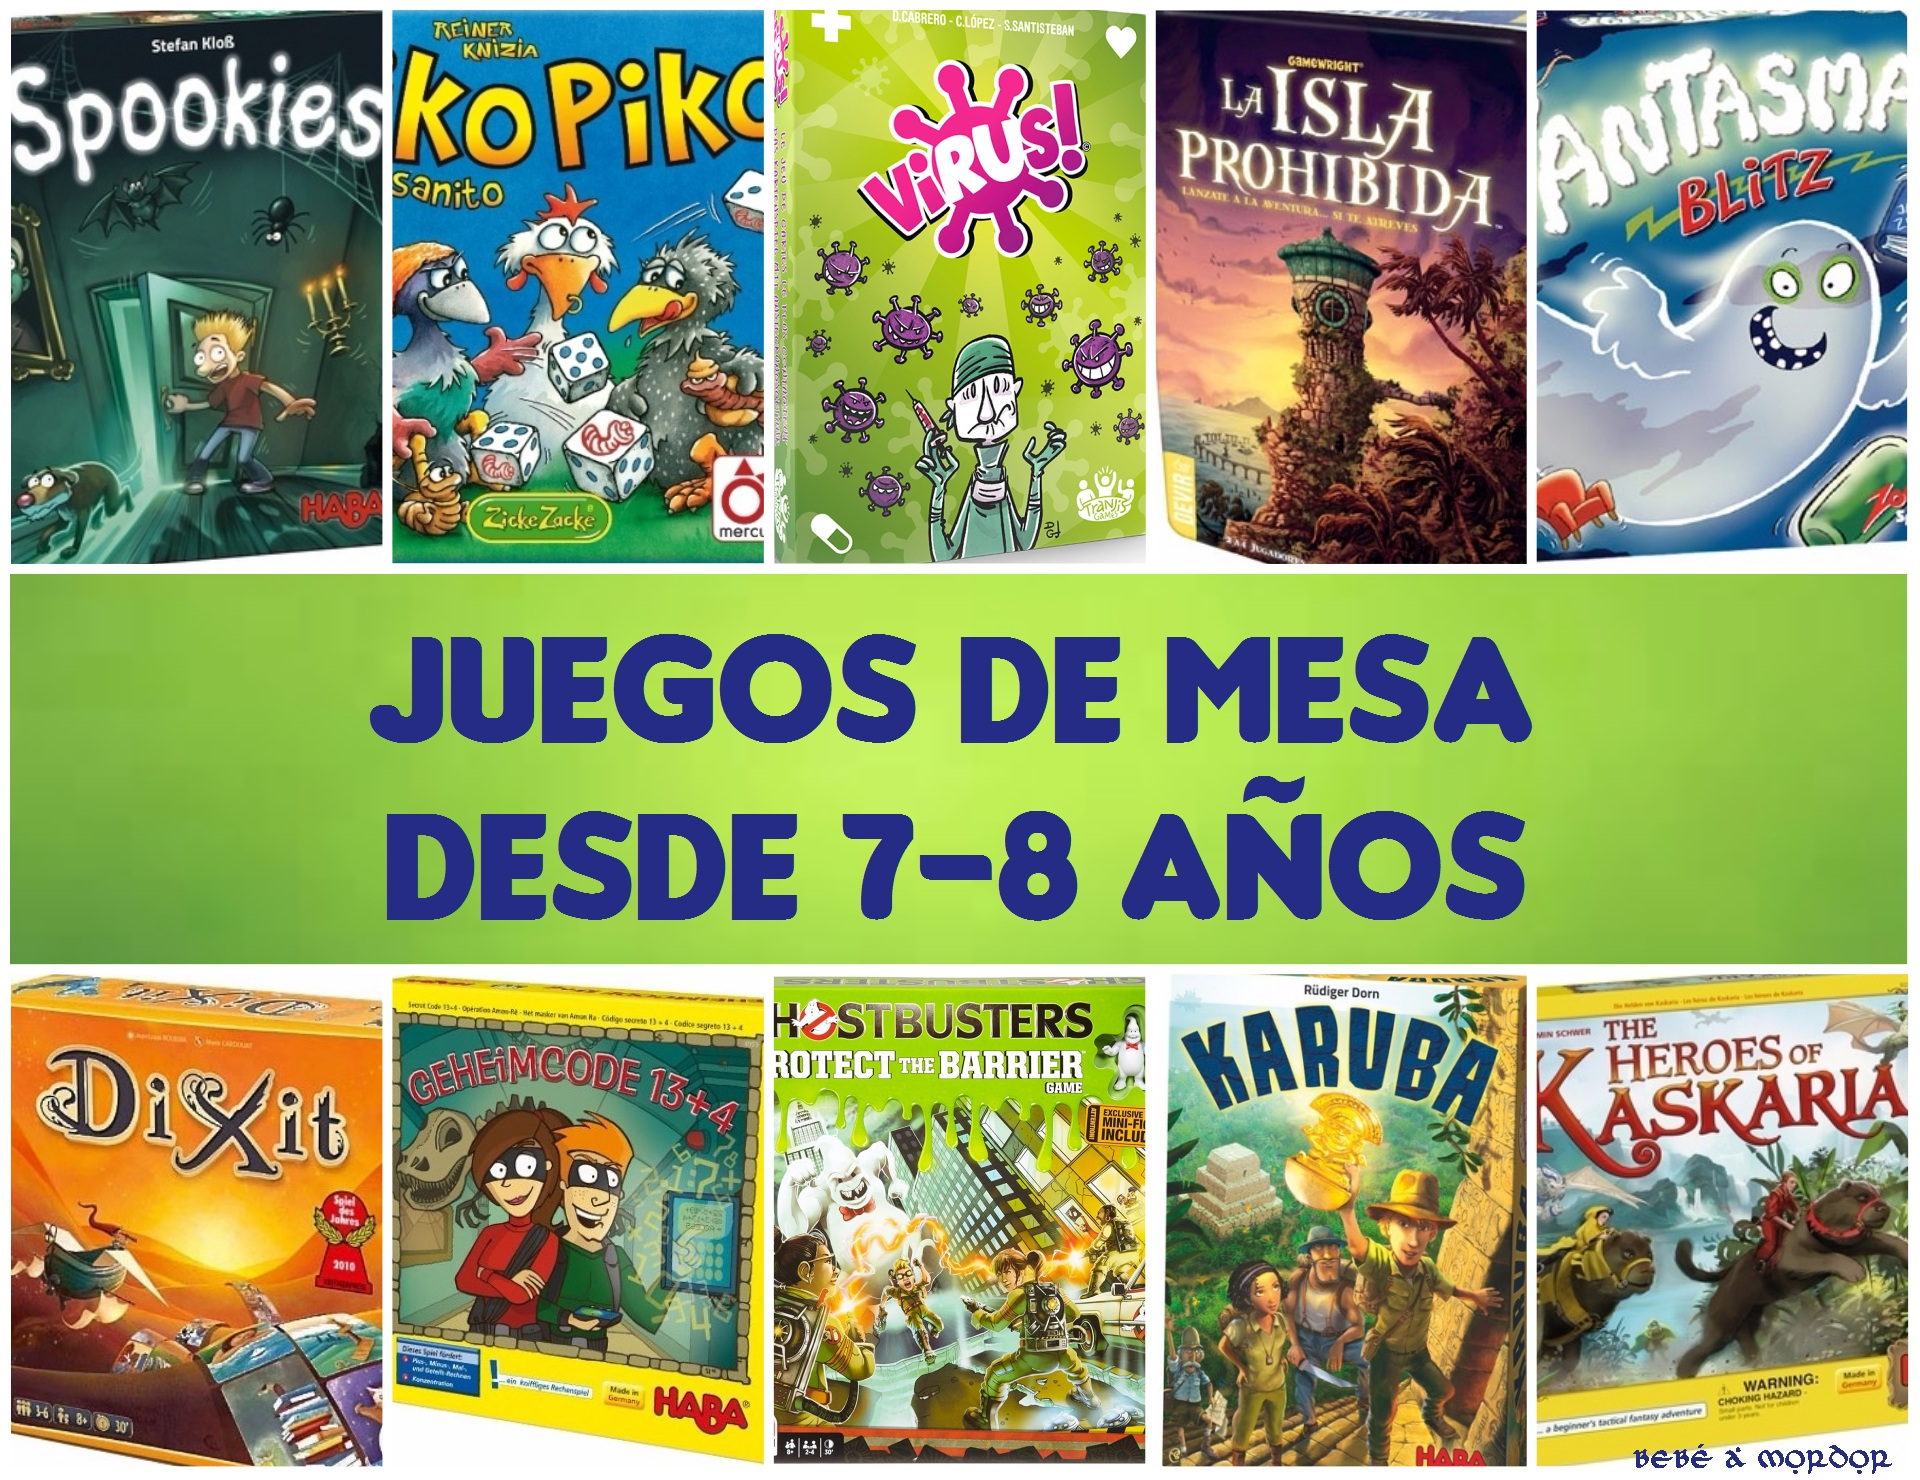 Juegos En Familia 10 Juegos De Mesa Para Ninos Desde 7 8 Anos